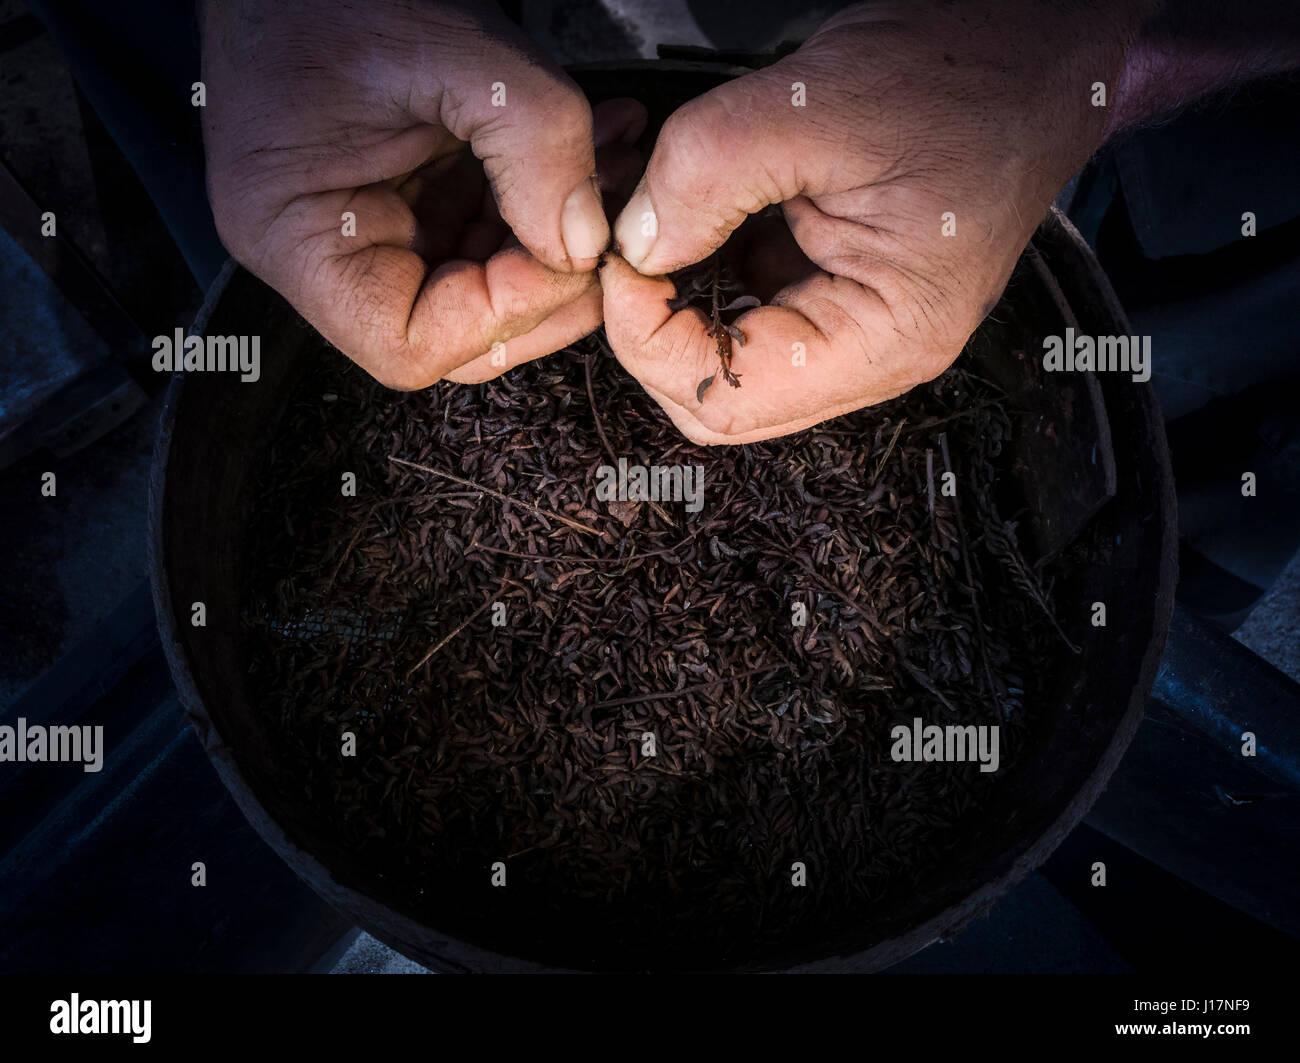 Para favorecer la germinación de semillas de ebullición (técnica de escarificación). Un hombre Imagen De Stock